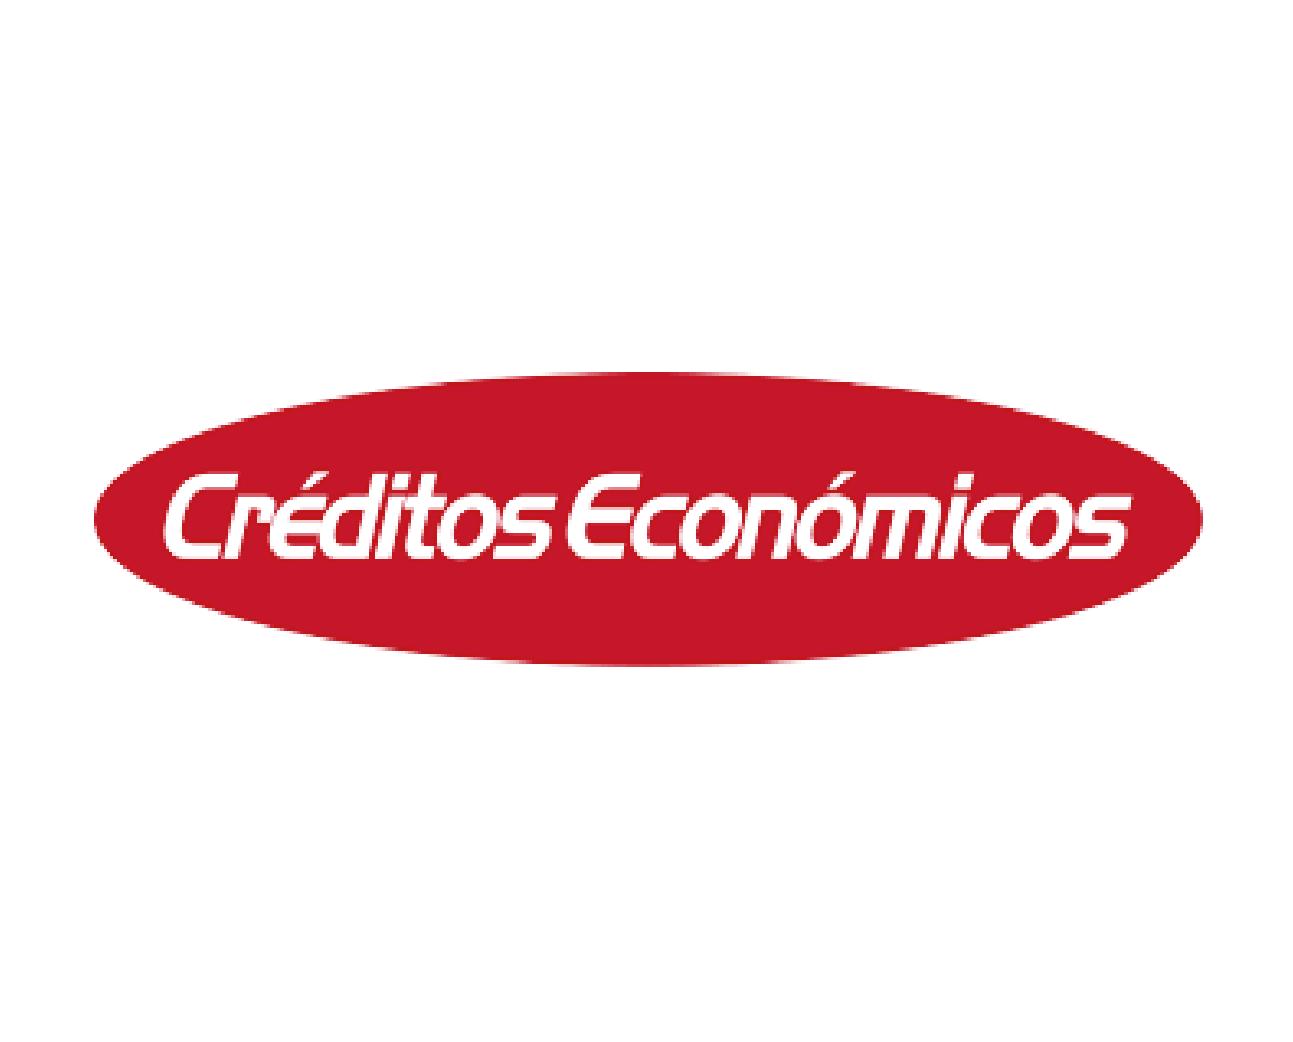 logos-bankard_logo_CreditosEconomicos